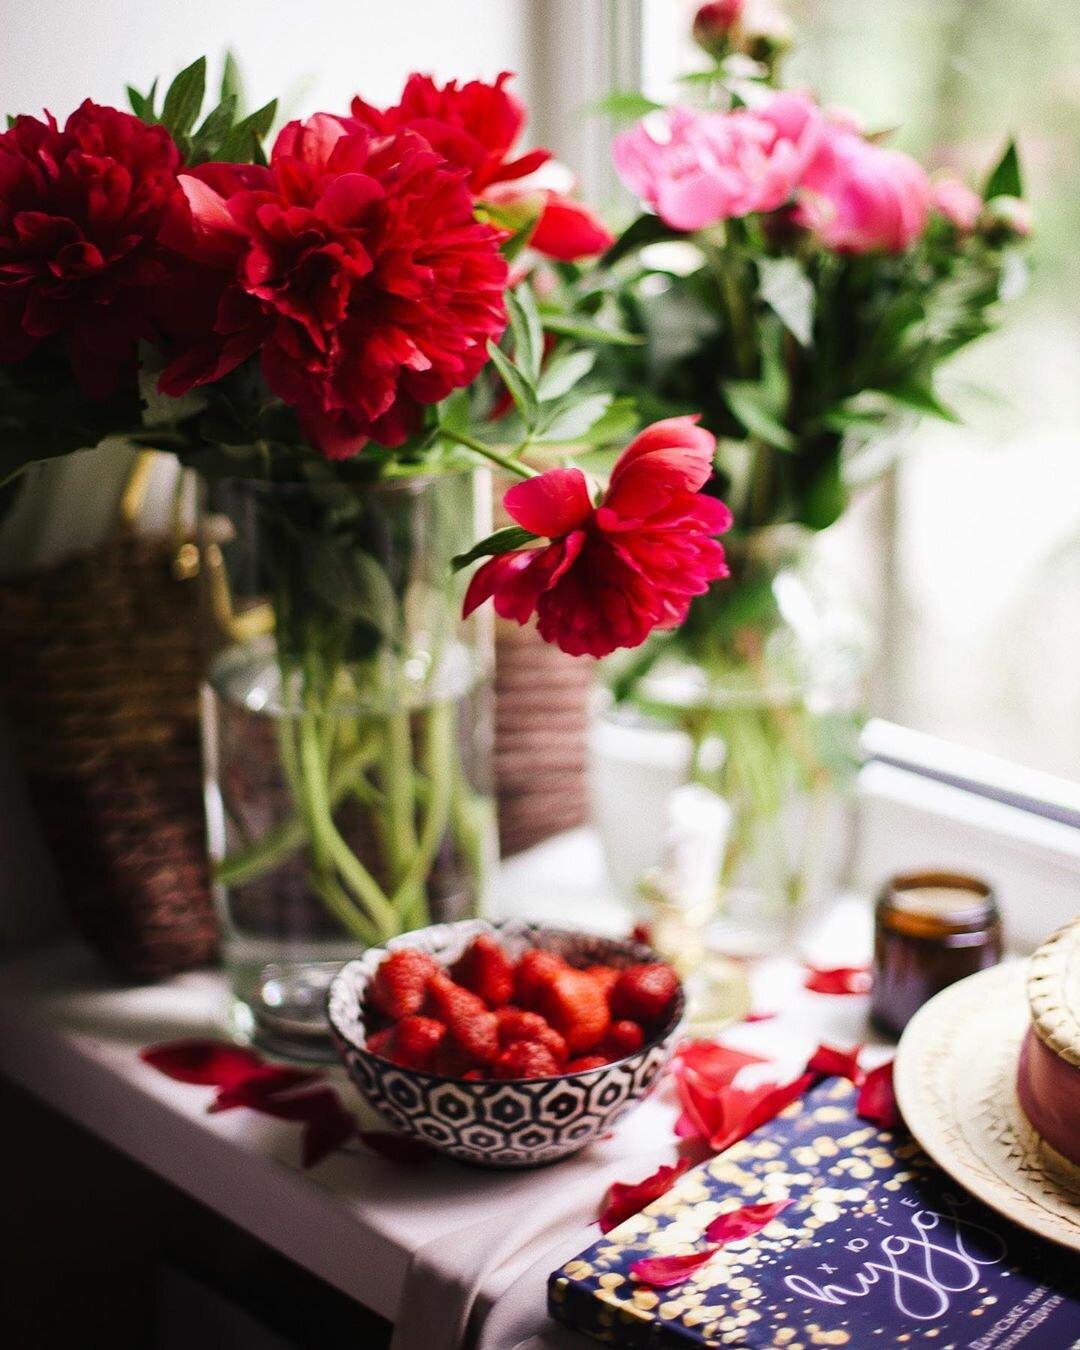 яндекс картинки цветы на столе вот магазине увидела